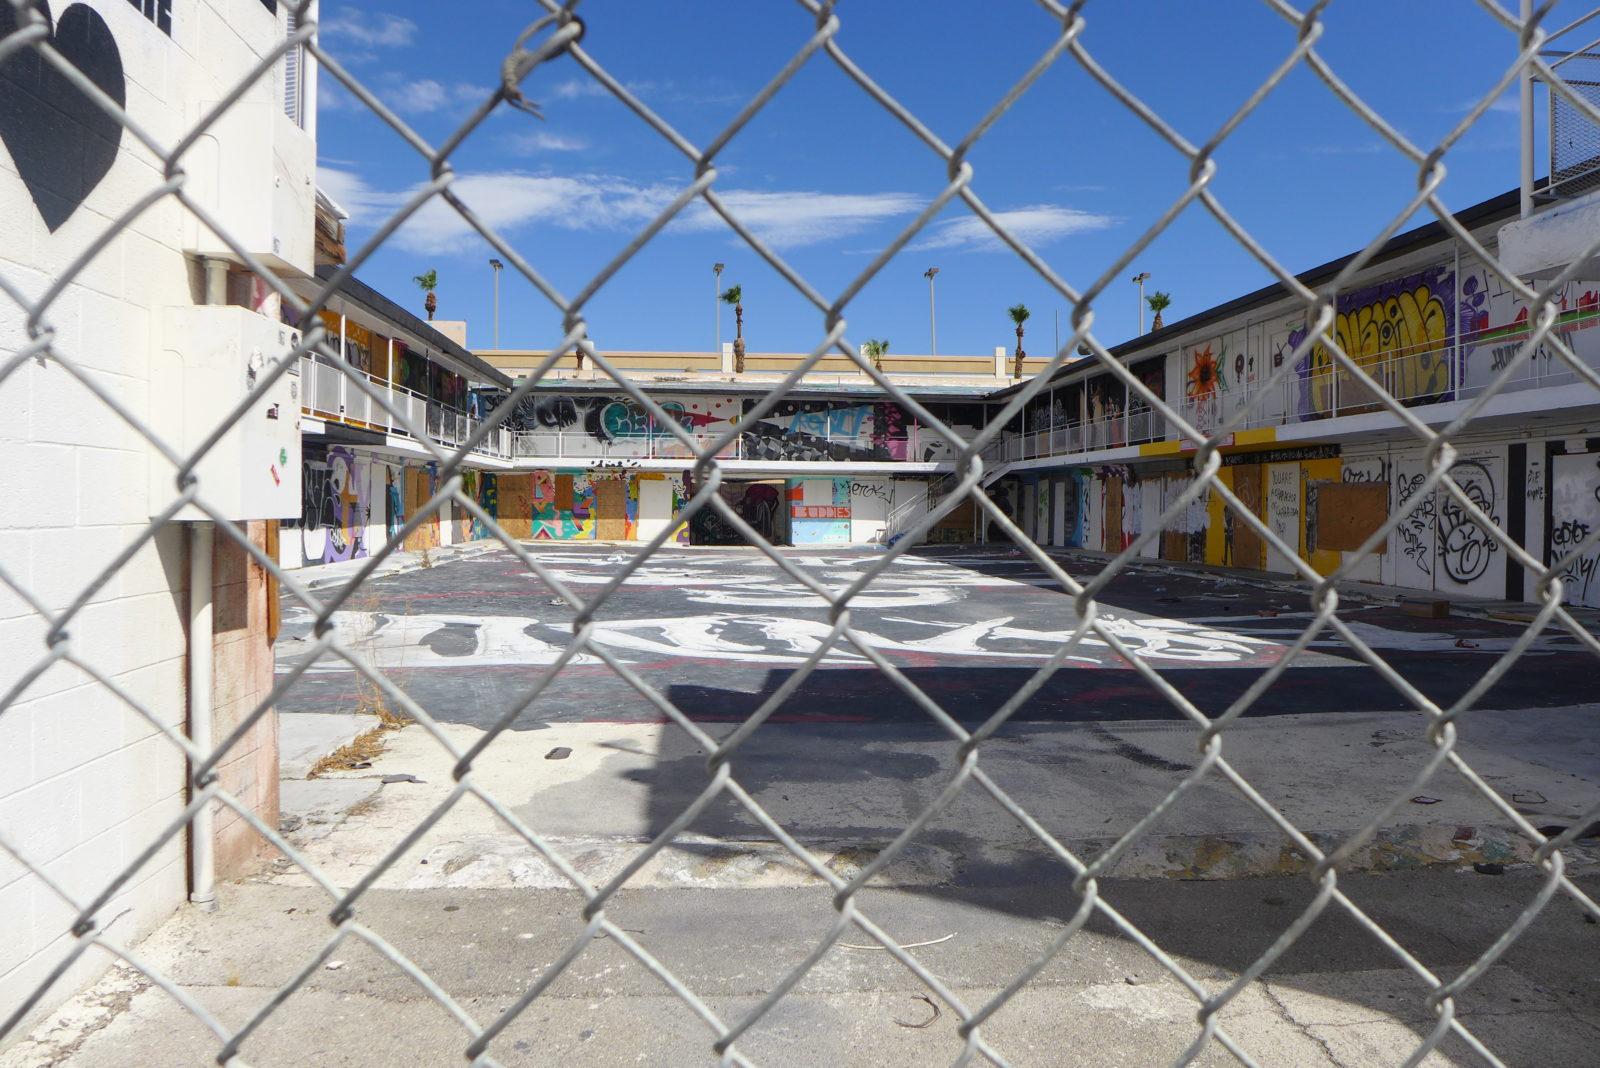 arturbain lasvegas street art murals radar graffitiP1060046 - À Las Vegas, un festival de street art et musique revitalise un quartier en perdition